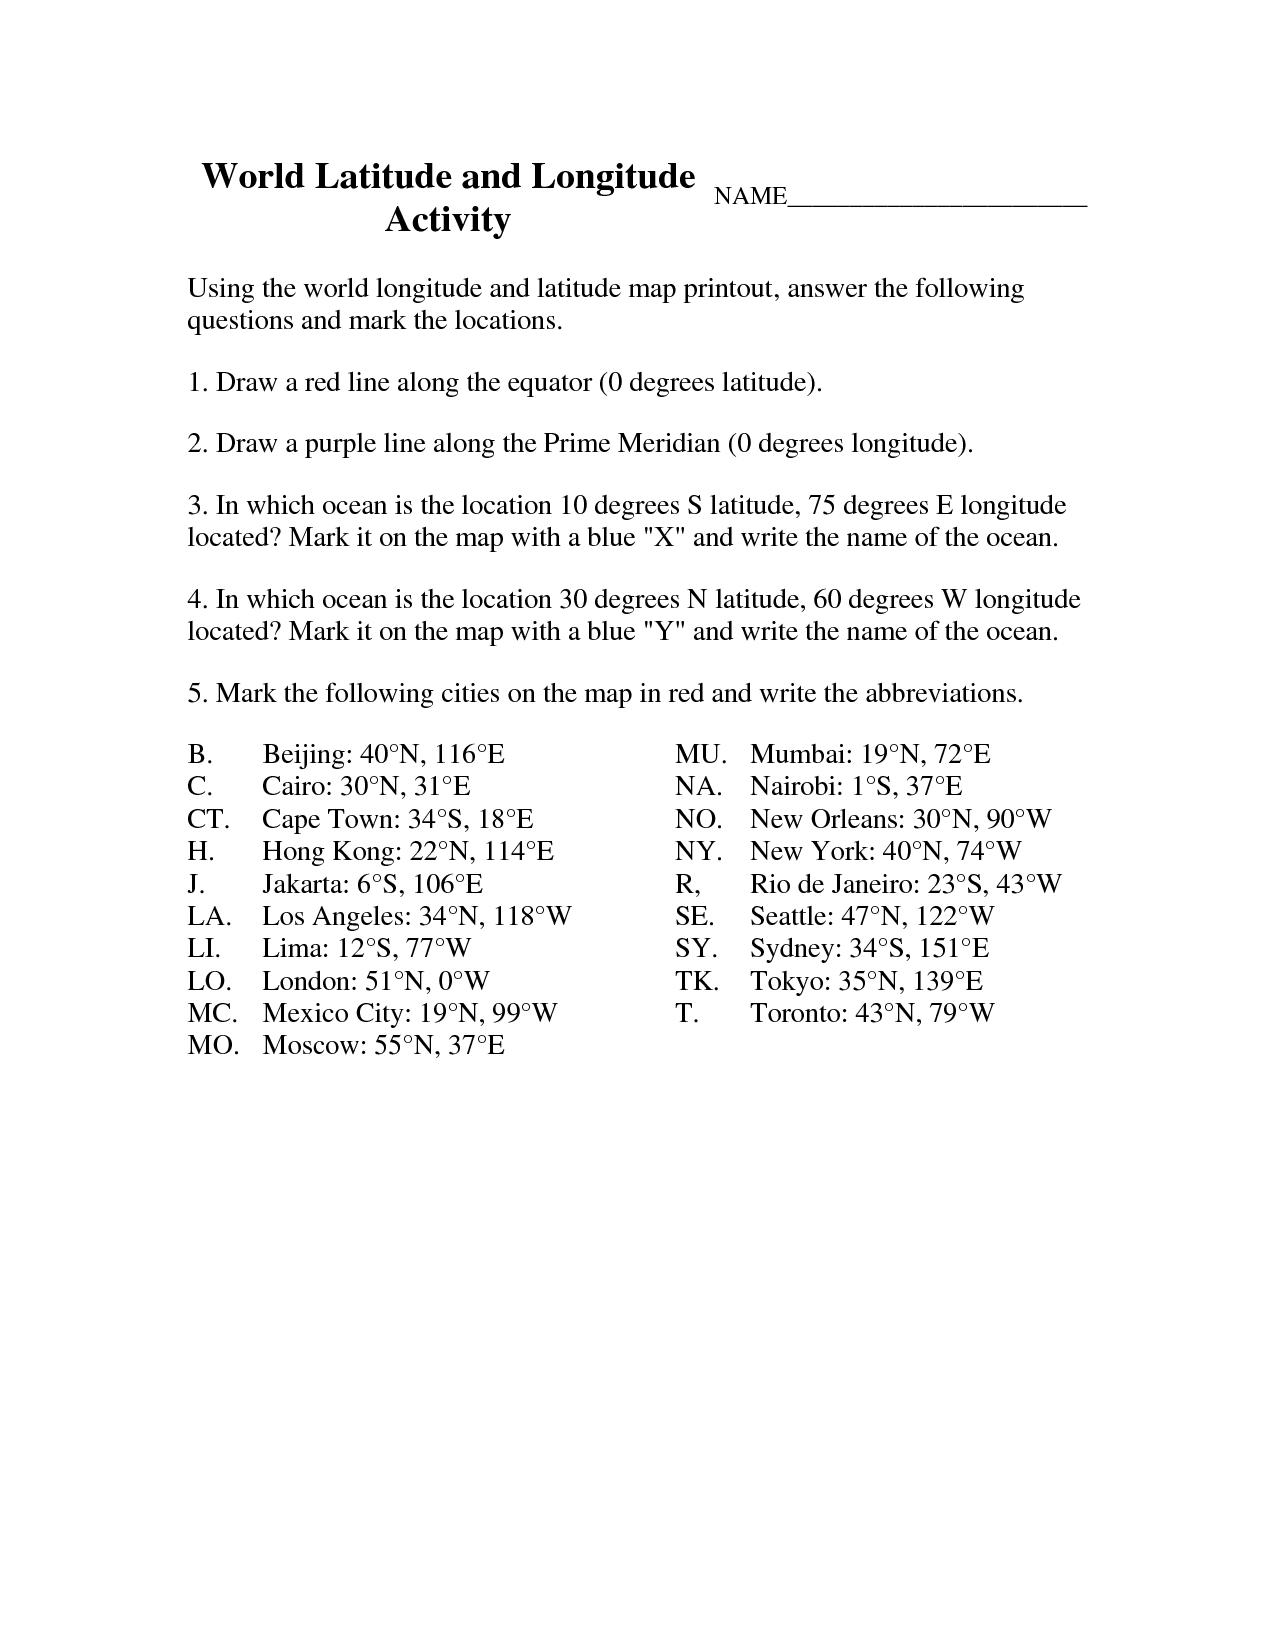 Latitude And Longitude Elementary Worksheets World Latitude And - What is the latitude and longitude of mexico city